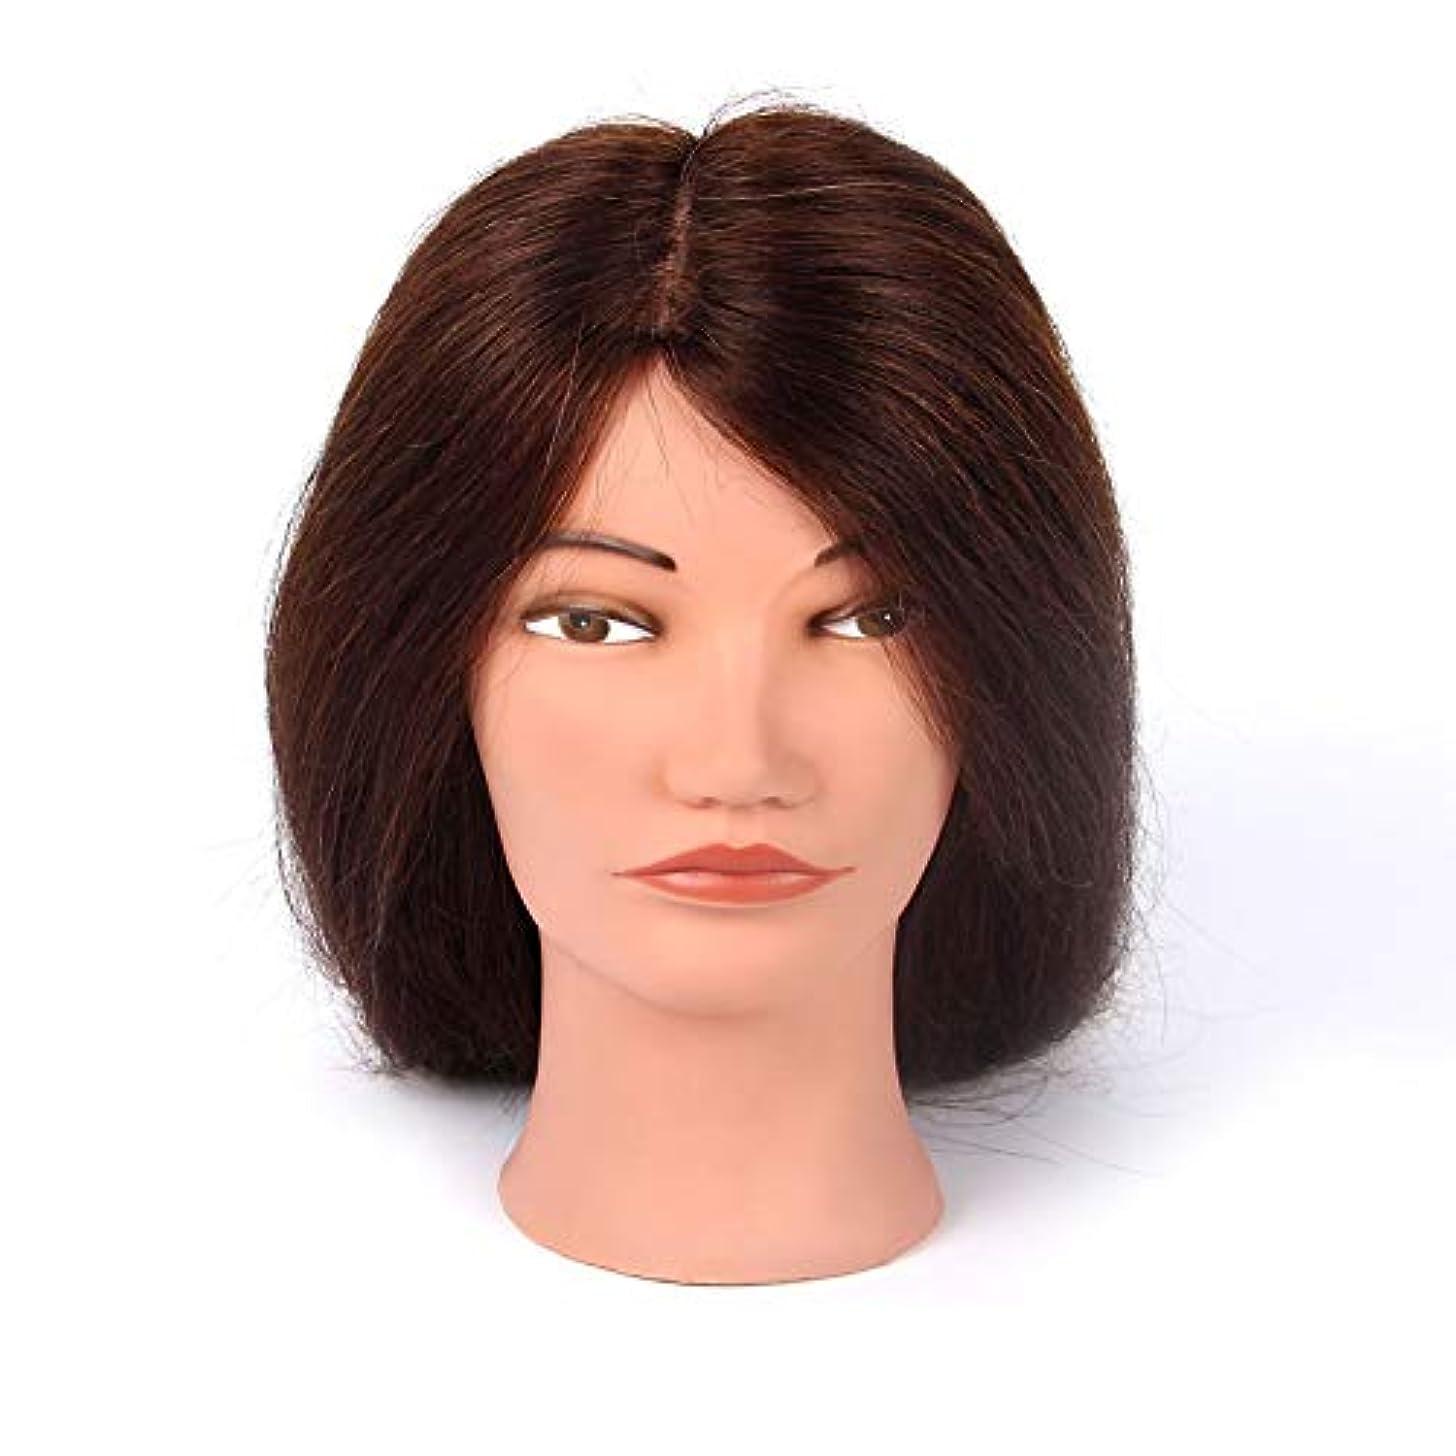 ブレークタイムリーな理髪練習ヘッド吹くホットロールダミーヘッドパーマ髪の染め指導ヘッドメイクアップヘアスタイリングモデルヘッド